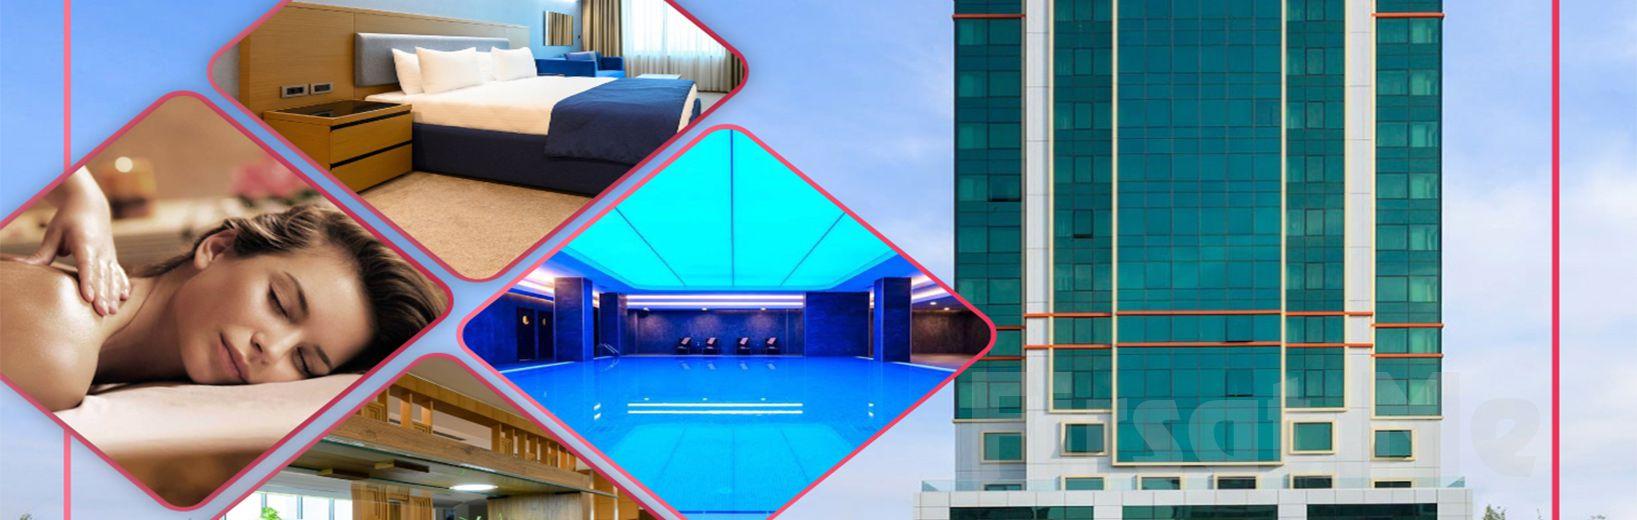 La Quinta by Wyndham İstanbul Güneşli Hotel'de 2 Kişilik Masaj Dahil Romantik Tatil Paketleri